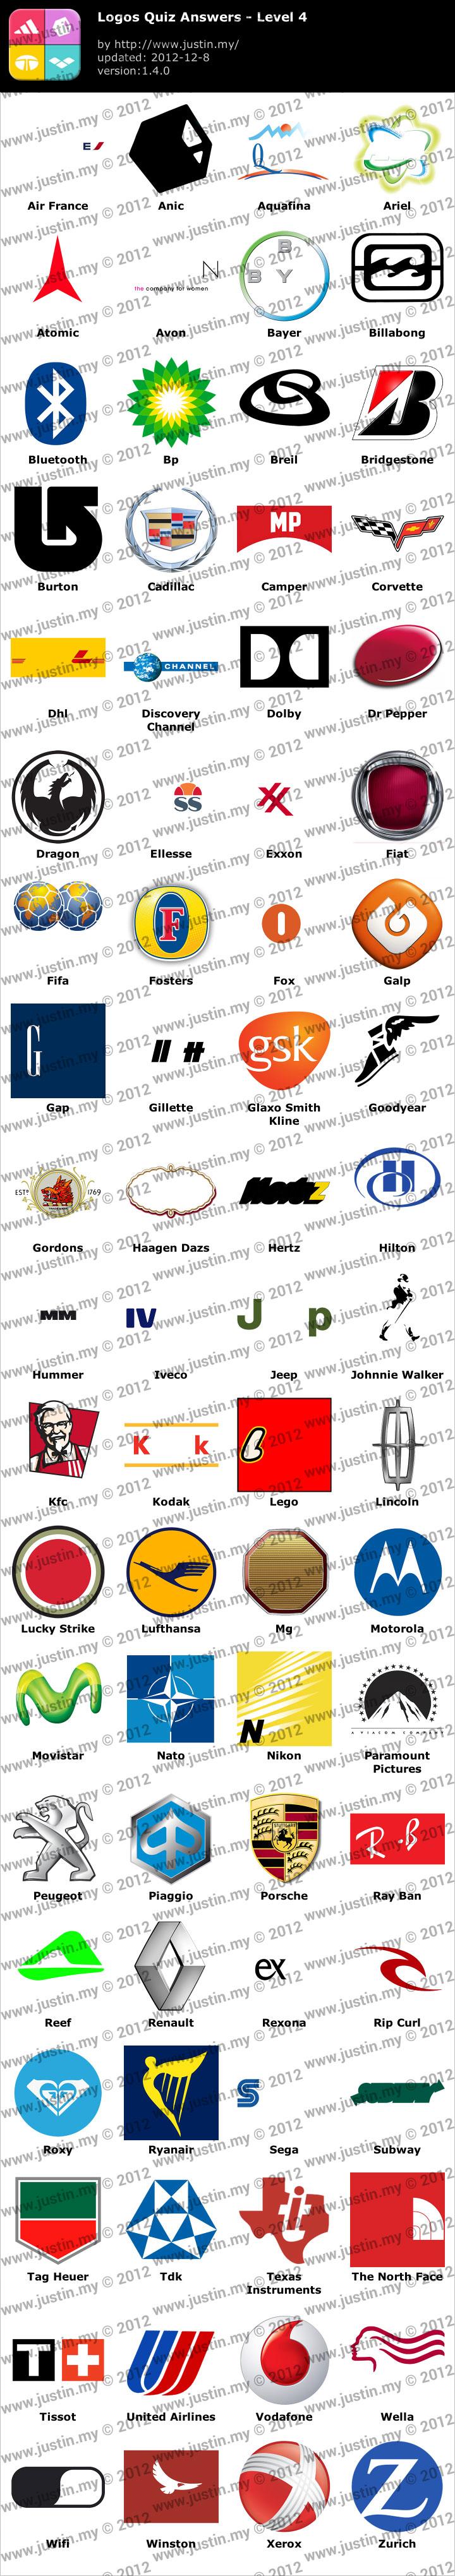 Logos Quiz Level 4